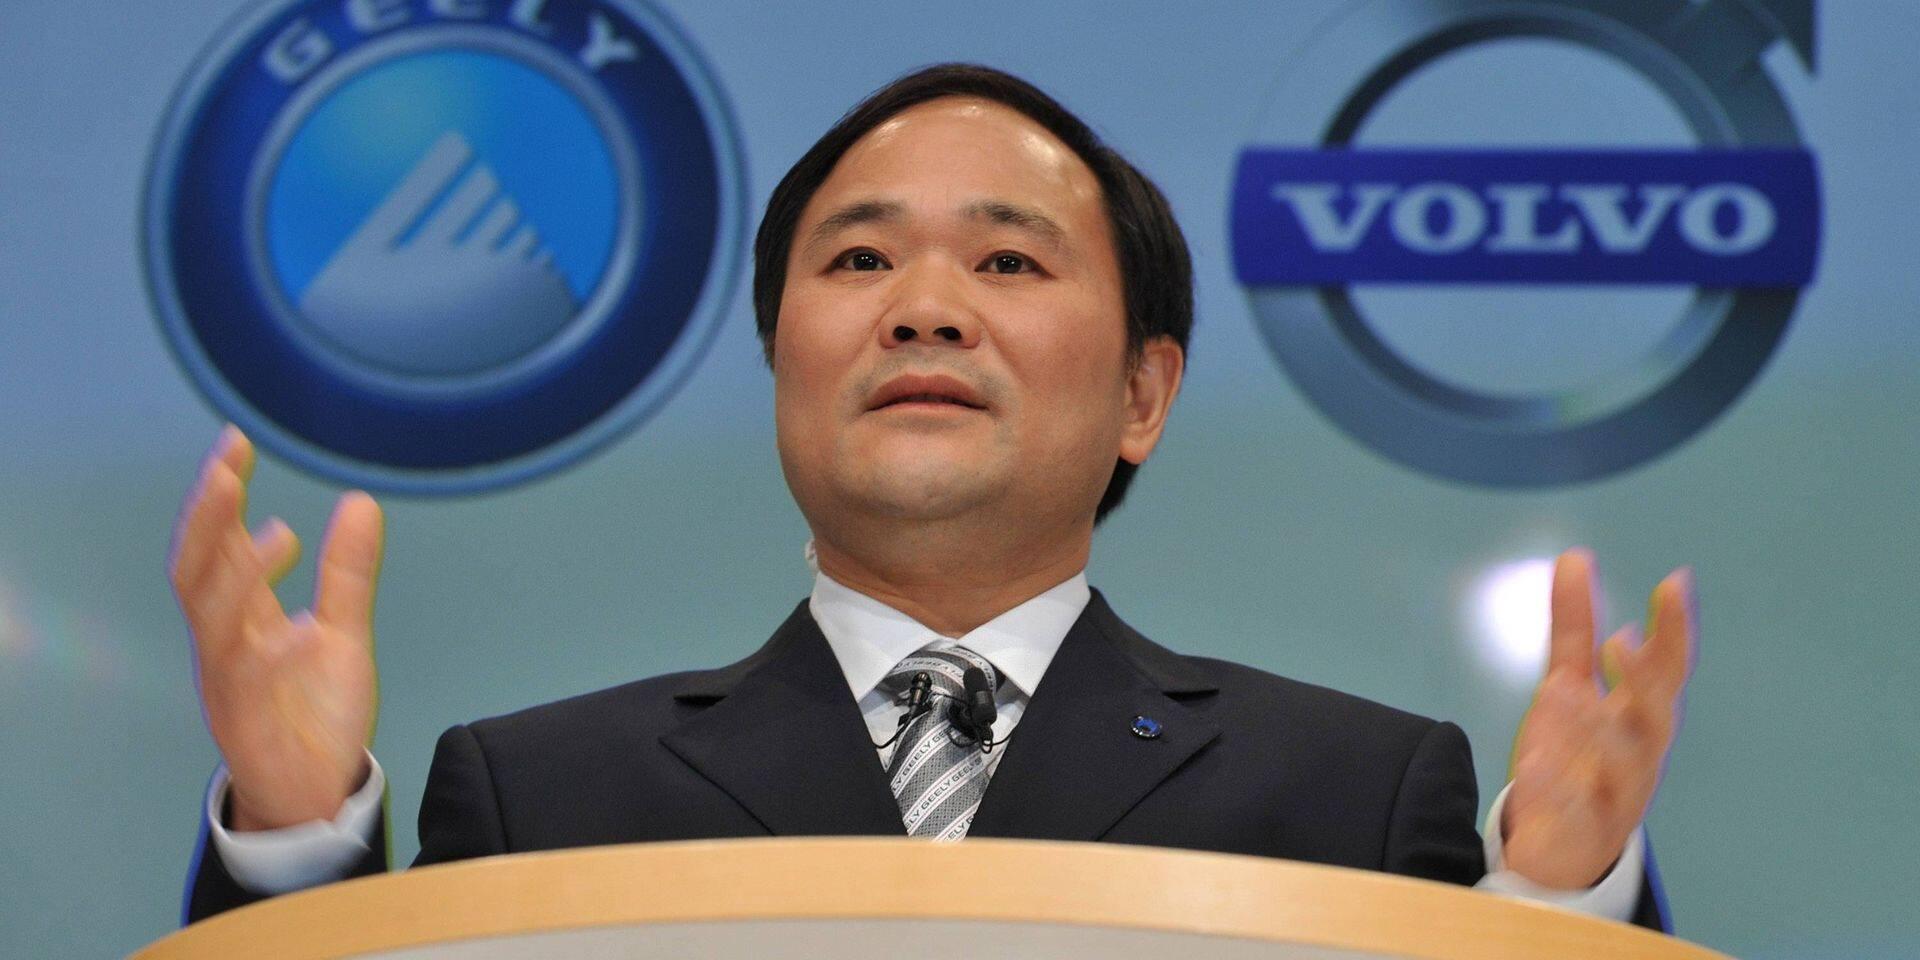 Le président de Geely, Li Shufu, s'adresse à la presse après la signature d'un accord avec Ford Motor Co. sur l'achat par Geely de Volvo Cars à Goteborg en Suède.